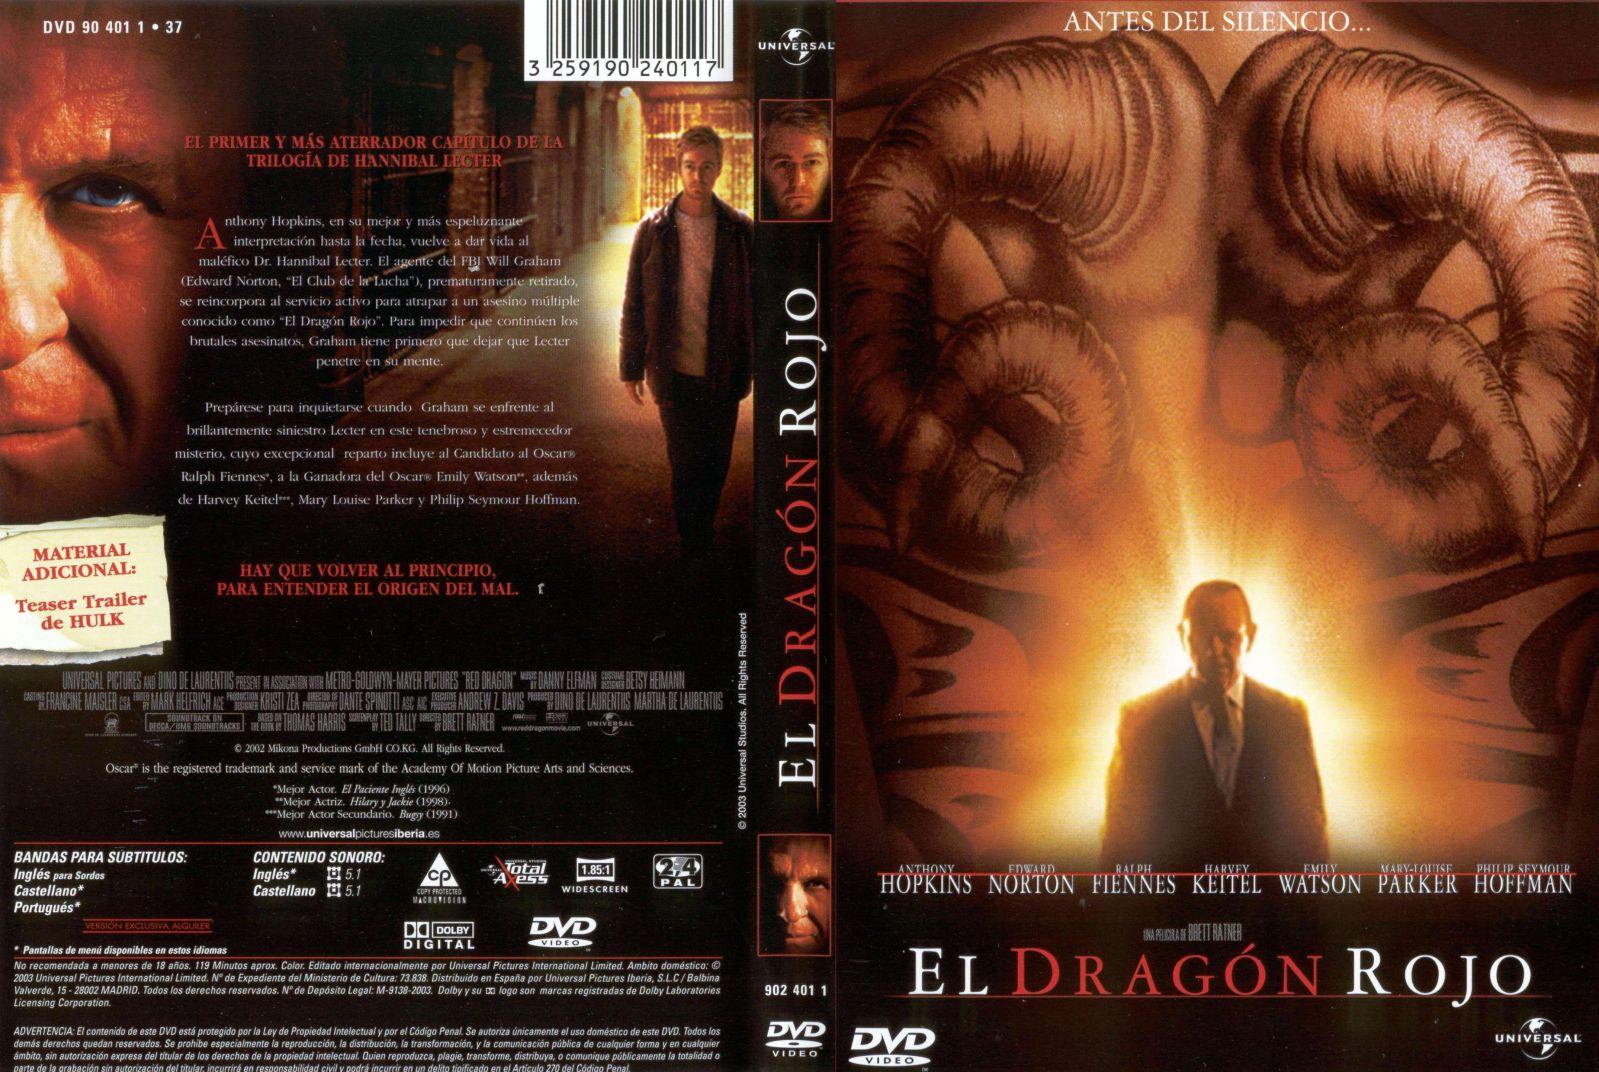 http://2.bp.blogspot.com/-UPx4FmX-sXE/T4hjd3pfxzI/AAAAAAAAaoQ/17tFxAgRZyQ/s1600/El+Dragon+Rojo+(Red+Dragon)+(Brett+Ratner,+EEUU,+2002)-poster017.jpg